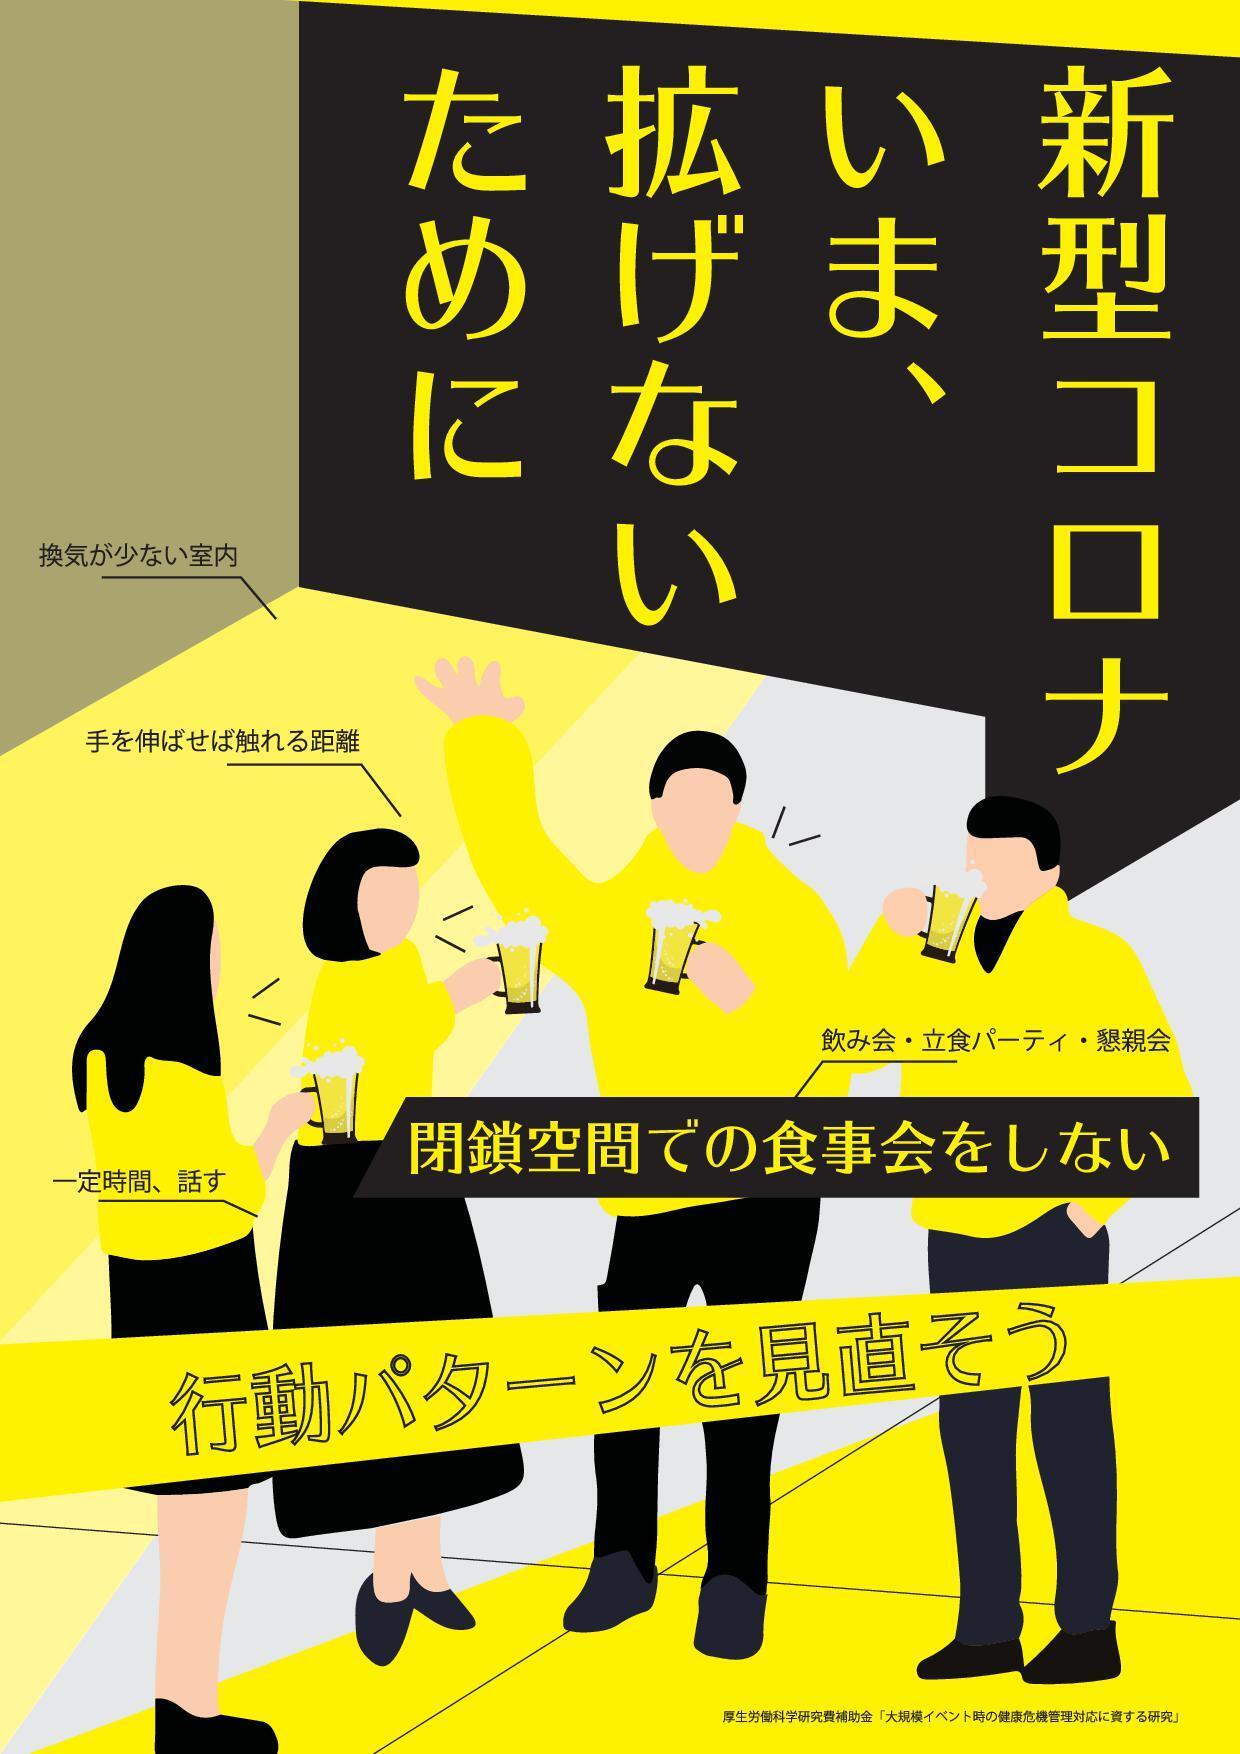 2020.3.3厚生労働省発行「新型コロナいま拡げないために」.jpg